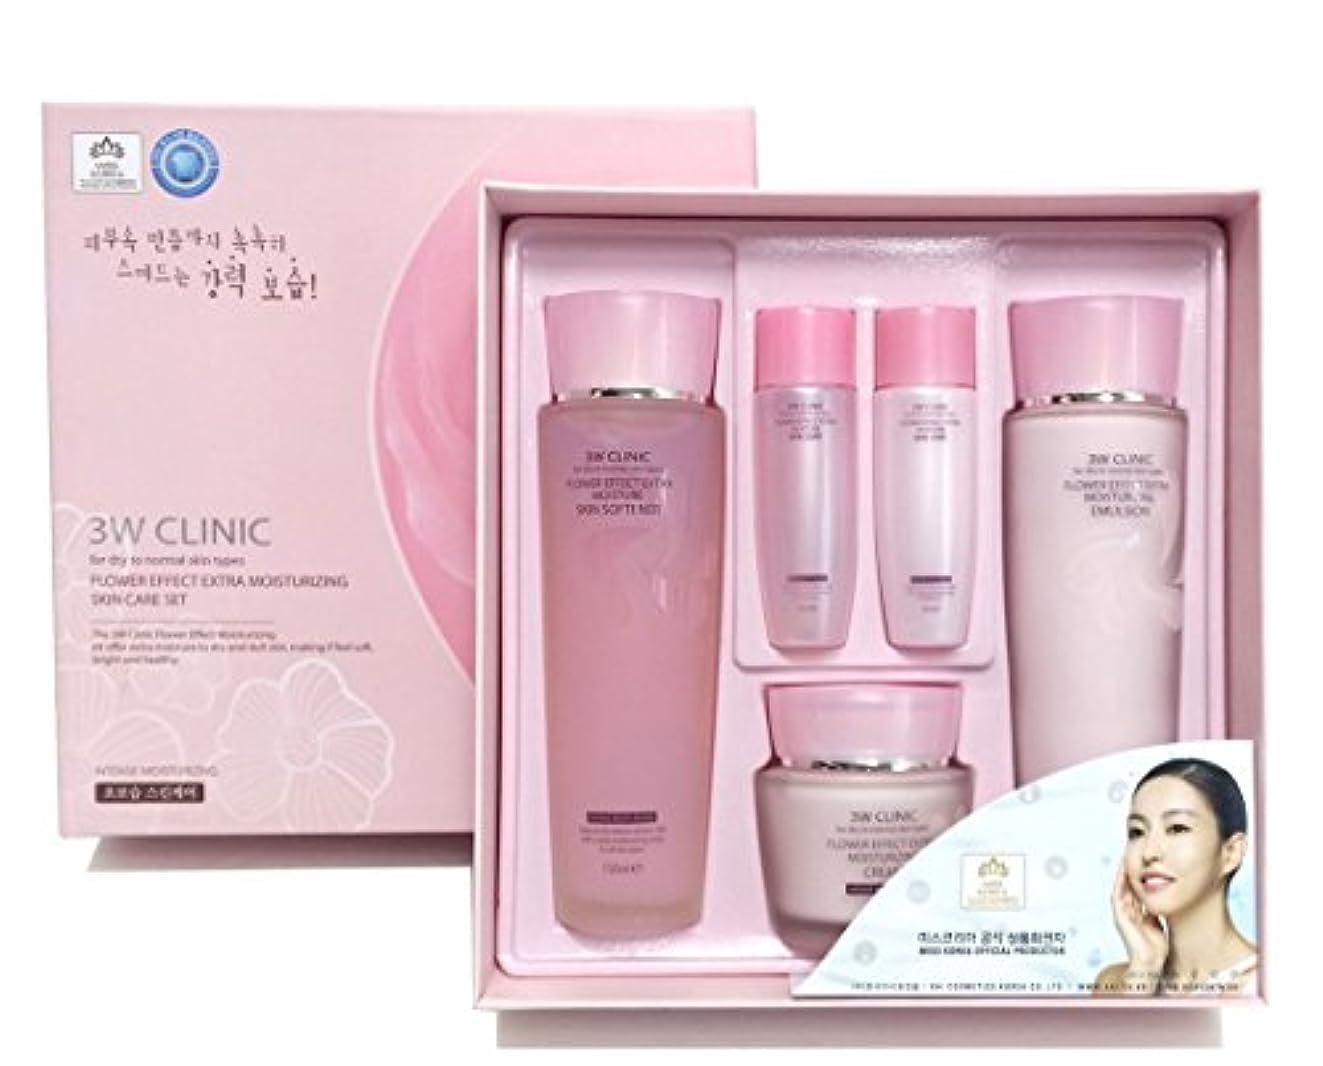 雷雨証明物足りない[3W CLINIC] フラワーエフェクトエクストラモイスチャライジングスキンケアセット / Flower Effect Extra Moisturizing Skin Care Set / ヒアルロン酸 / hyaluronic...